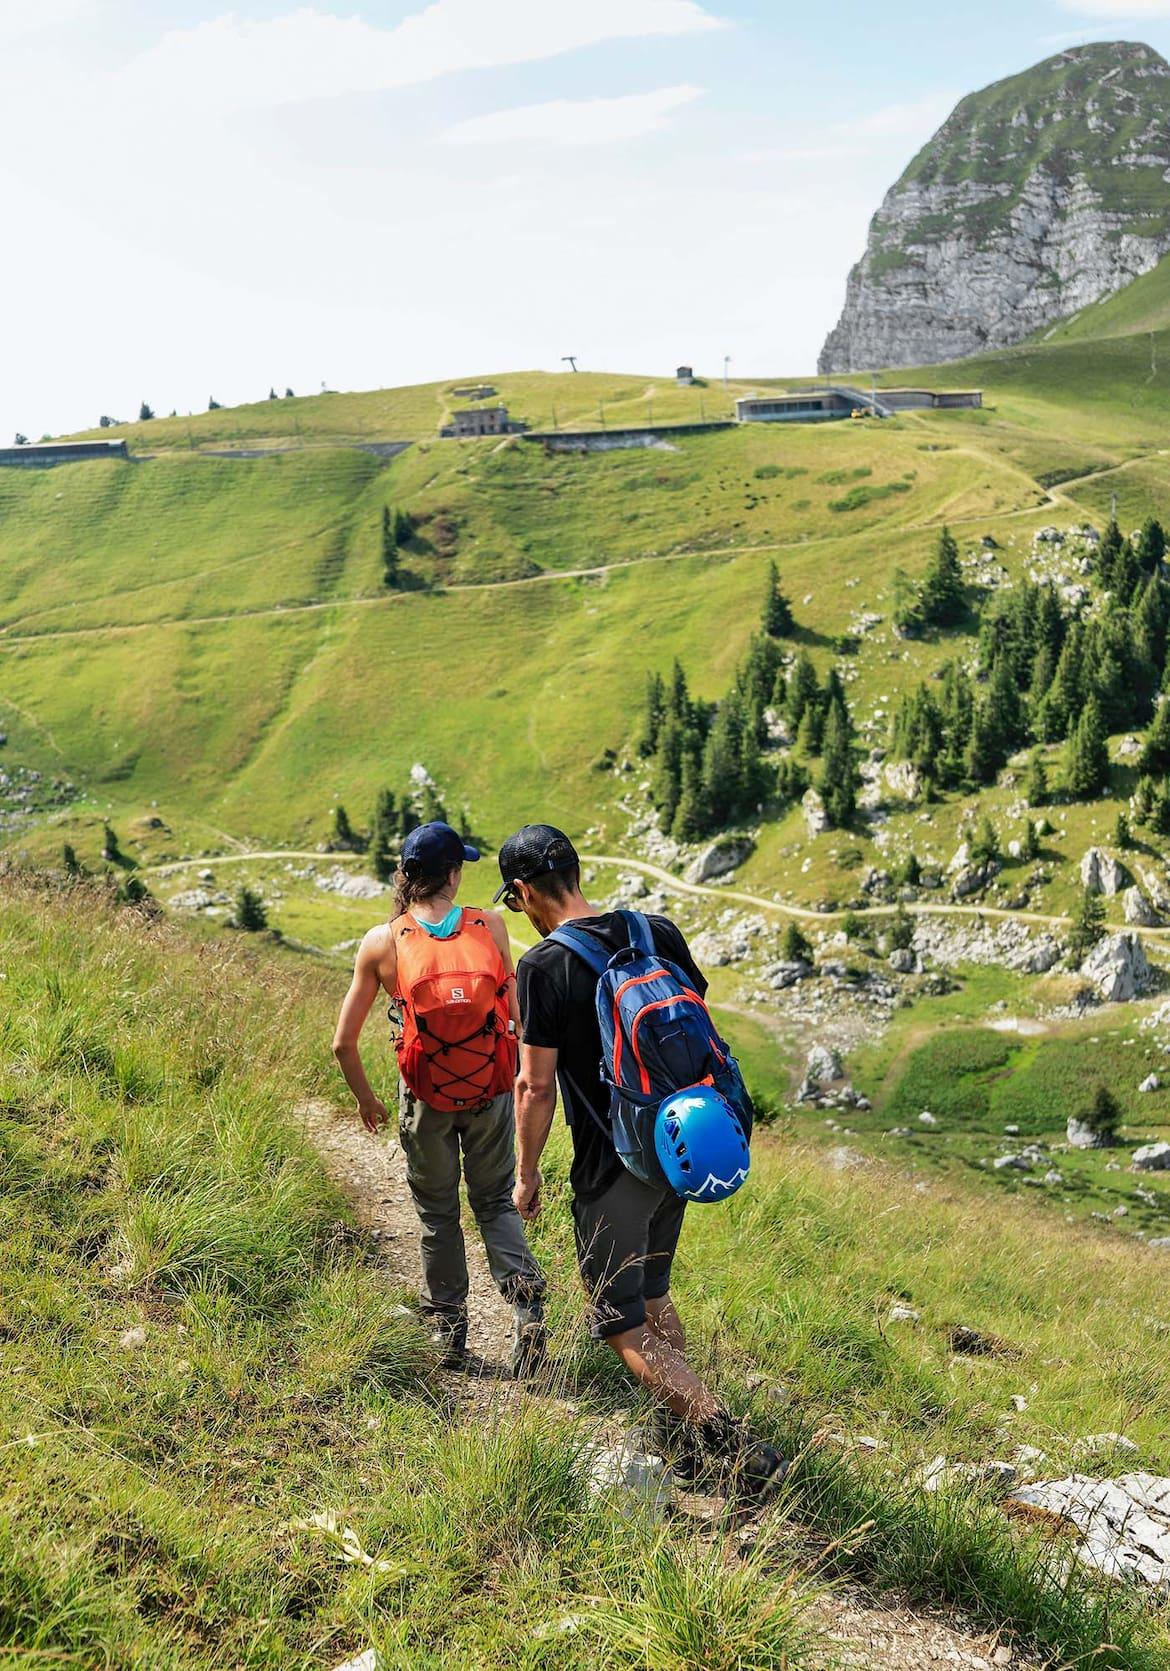 Zwei Wanderer auf dem Weg zu den Kletterrouten.